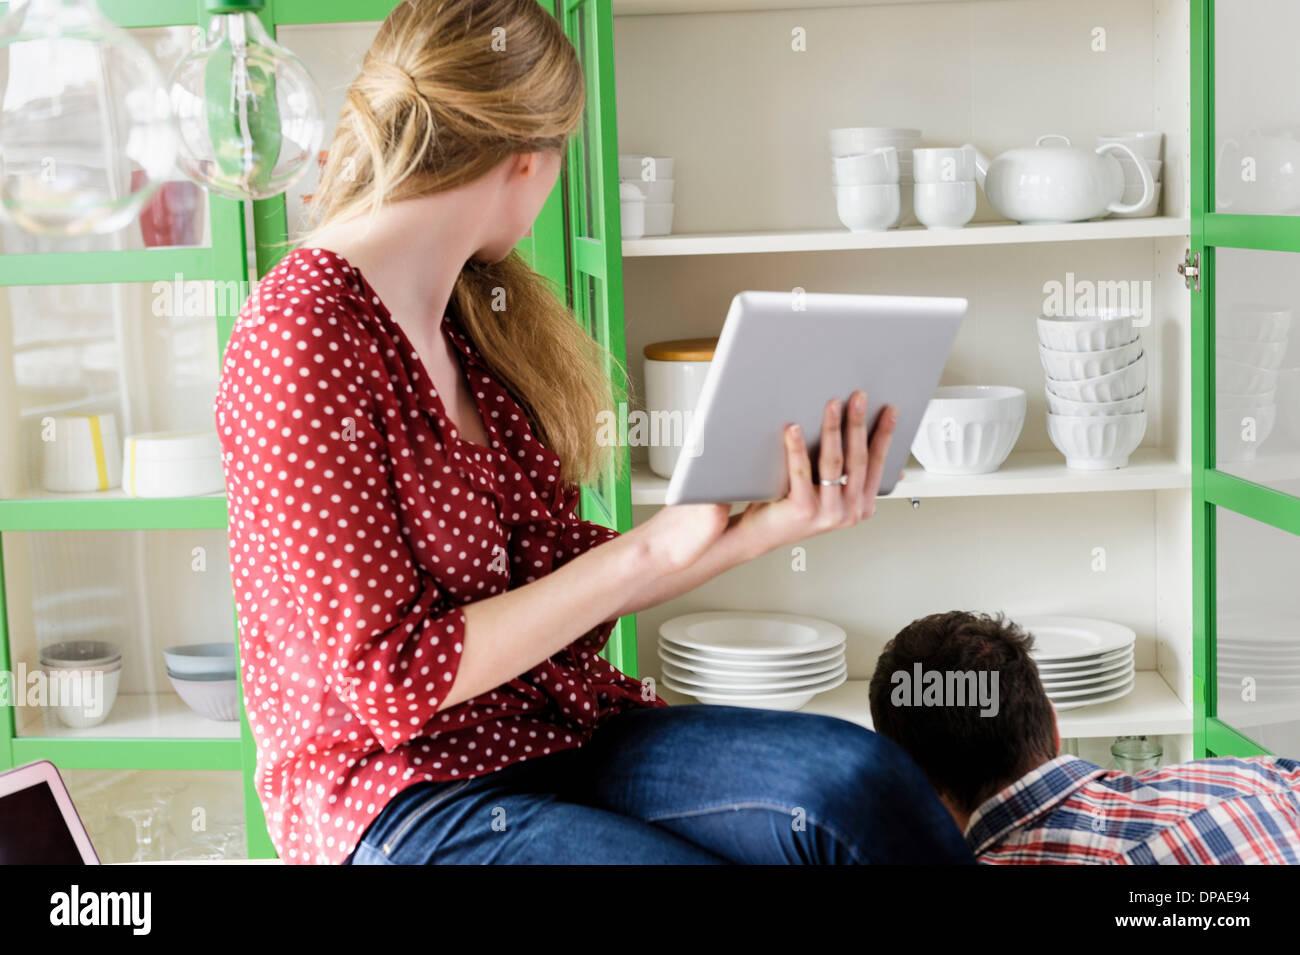 Ragazza con tavoletta digitale cercando lateralmente Immagini Stock